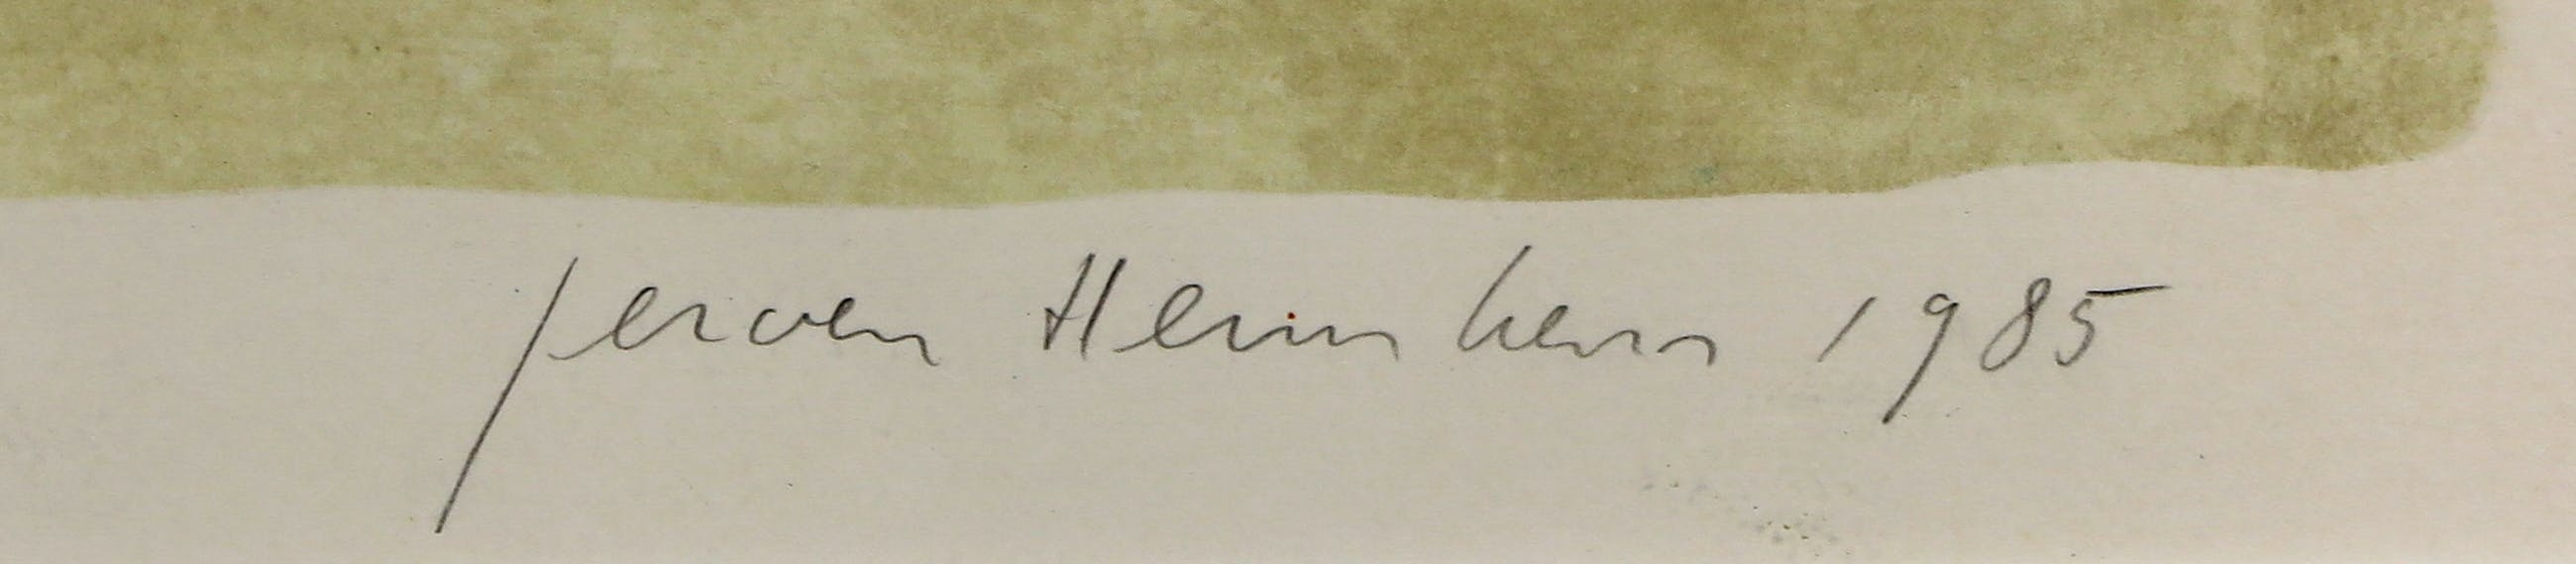 Jeroen Hermkens - Litho, Leningrad - Ingelijst kopen? Bied vanaf 60!